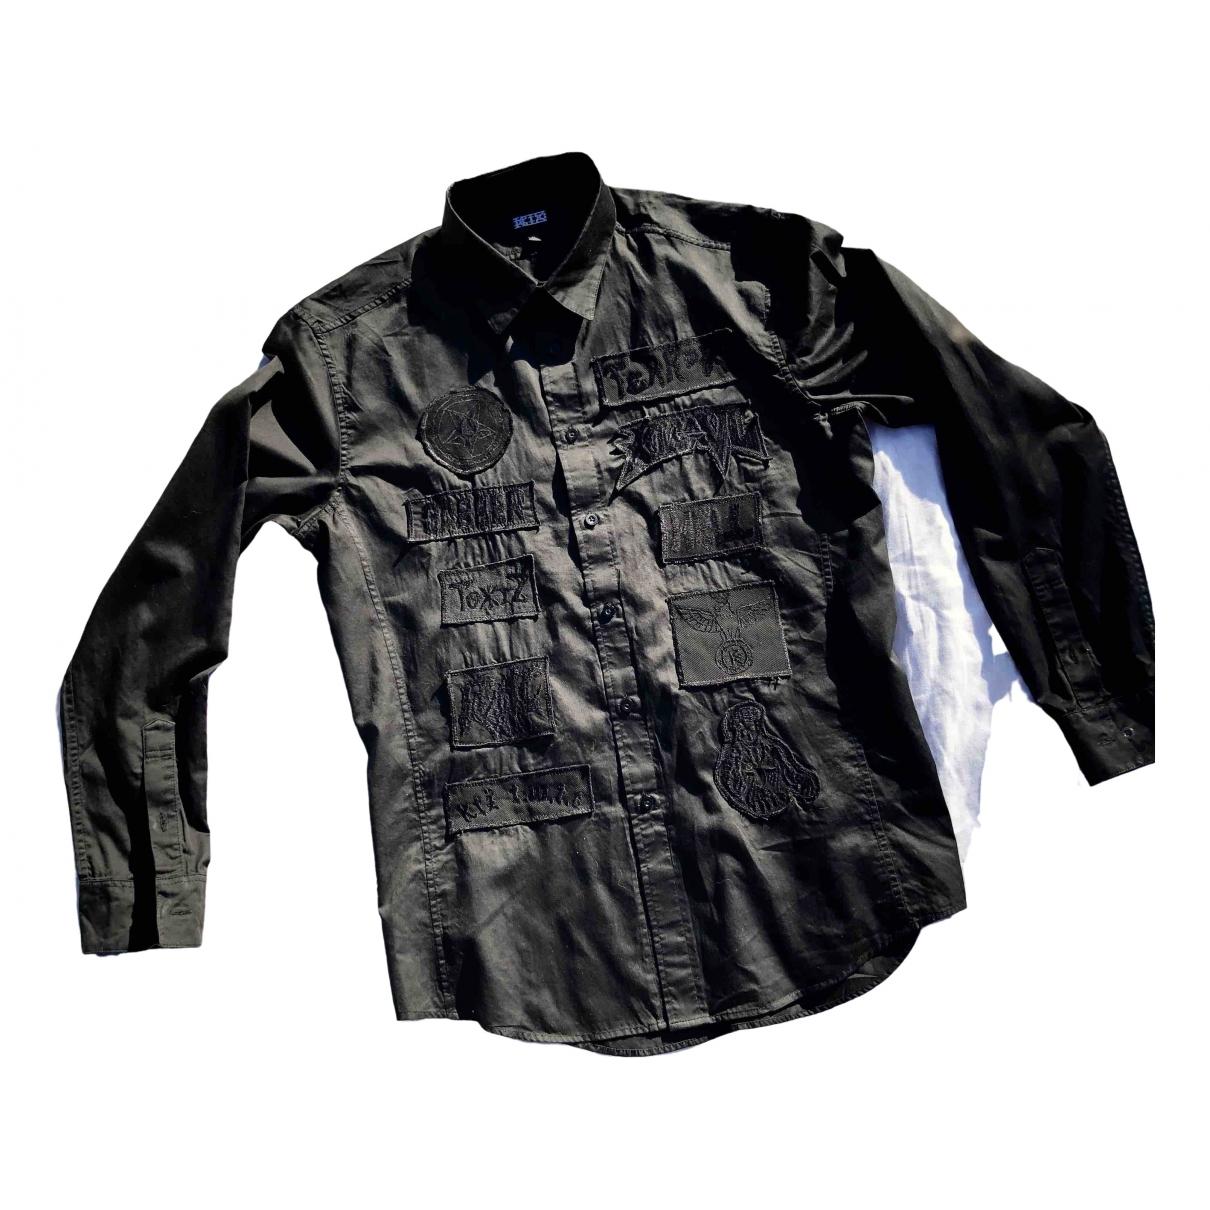 Ktz - Chemises   pour homme en coton - noir